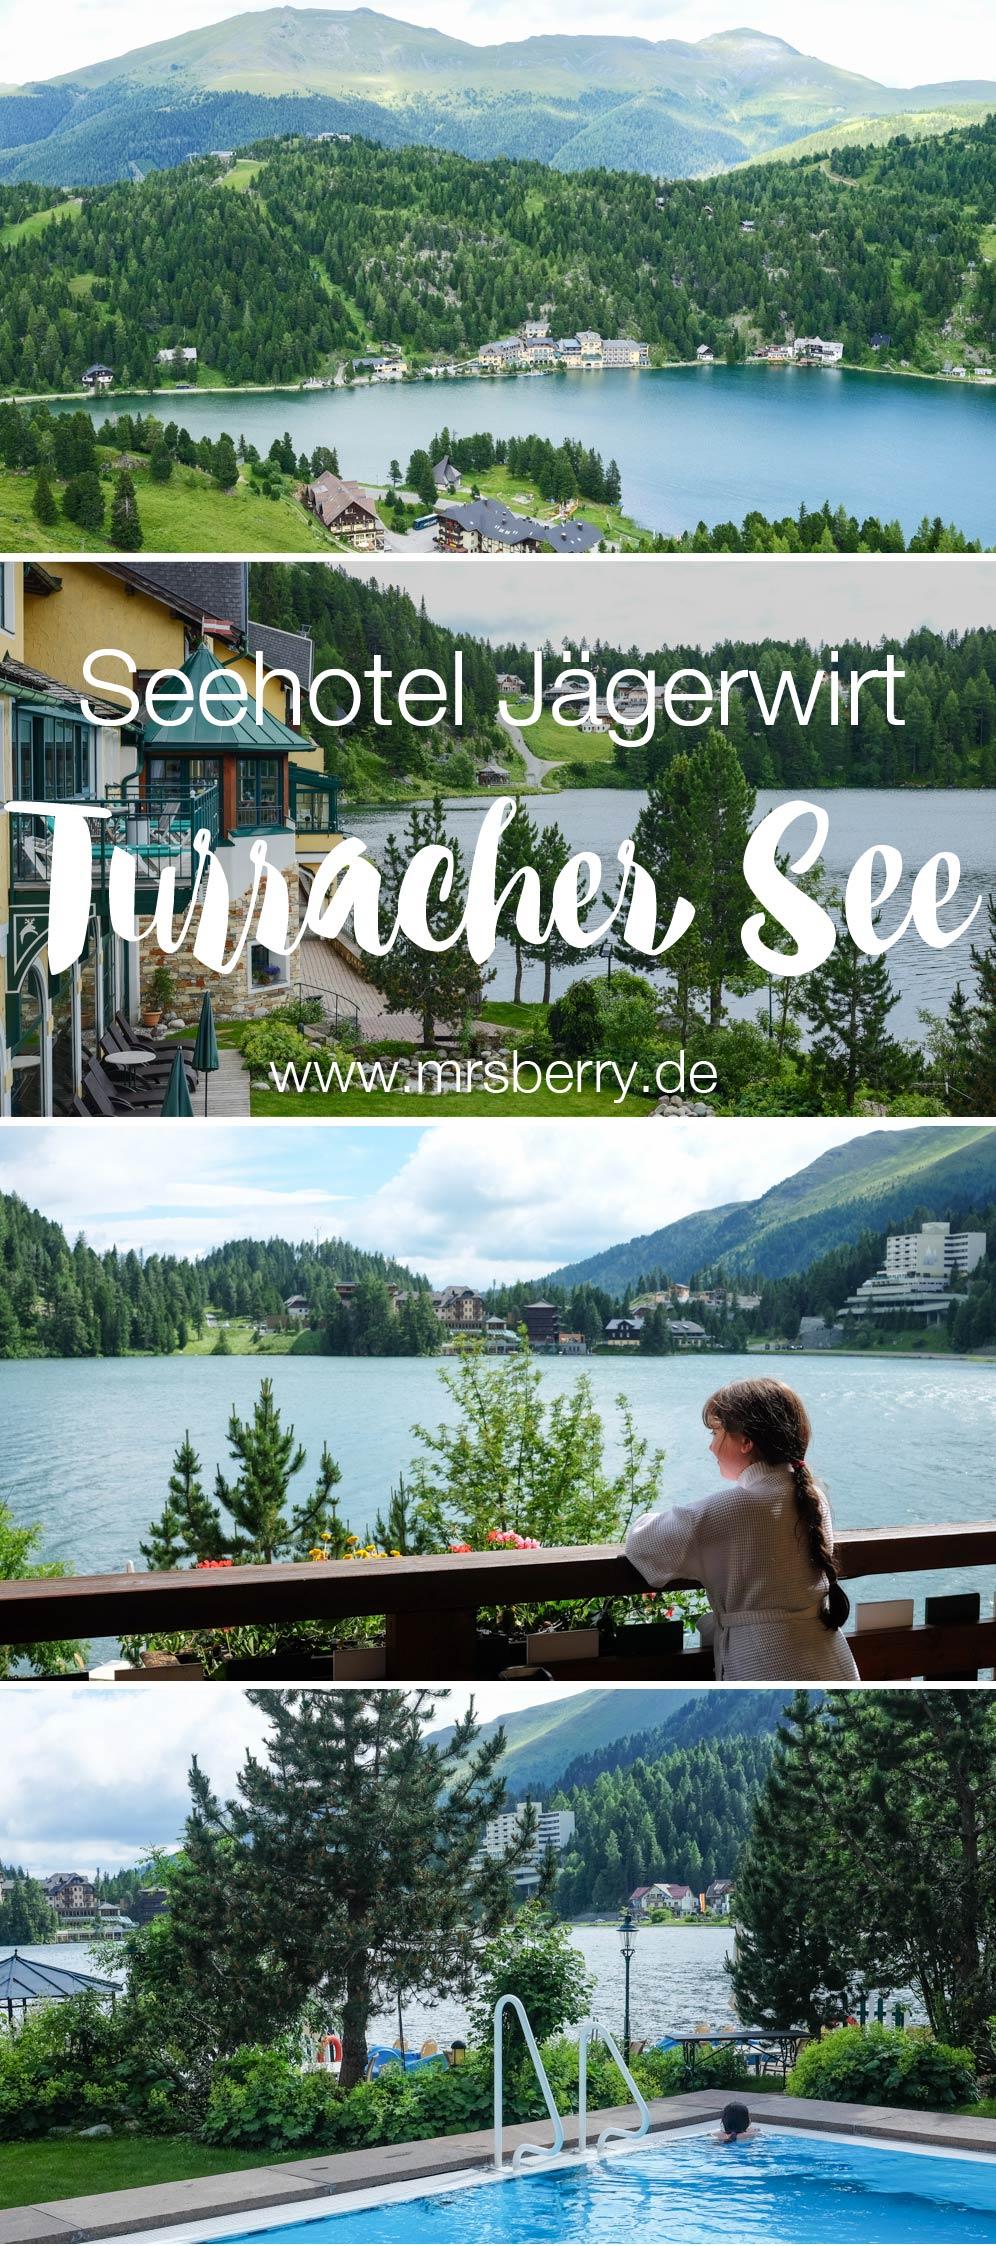 Urlaub am Turracher See mit Kind - im familienfreundlichen Romantik Seehotel Jägerwirt auf der Turracher Höhe